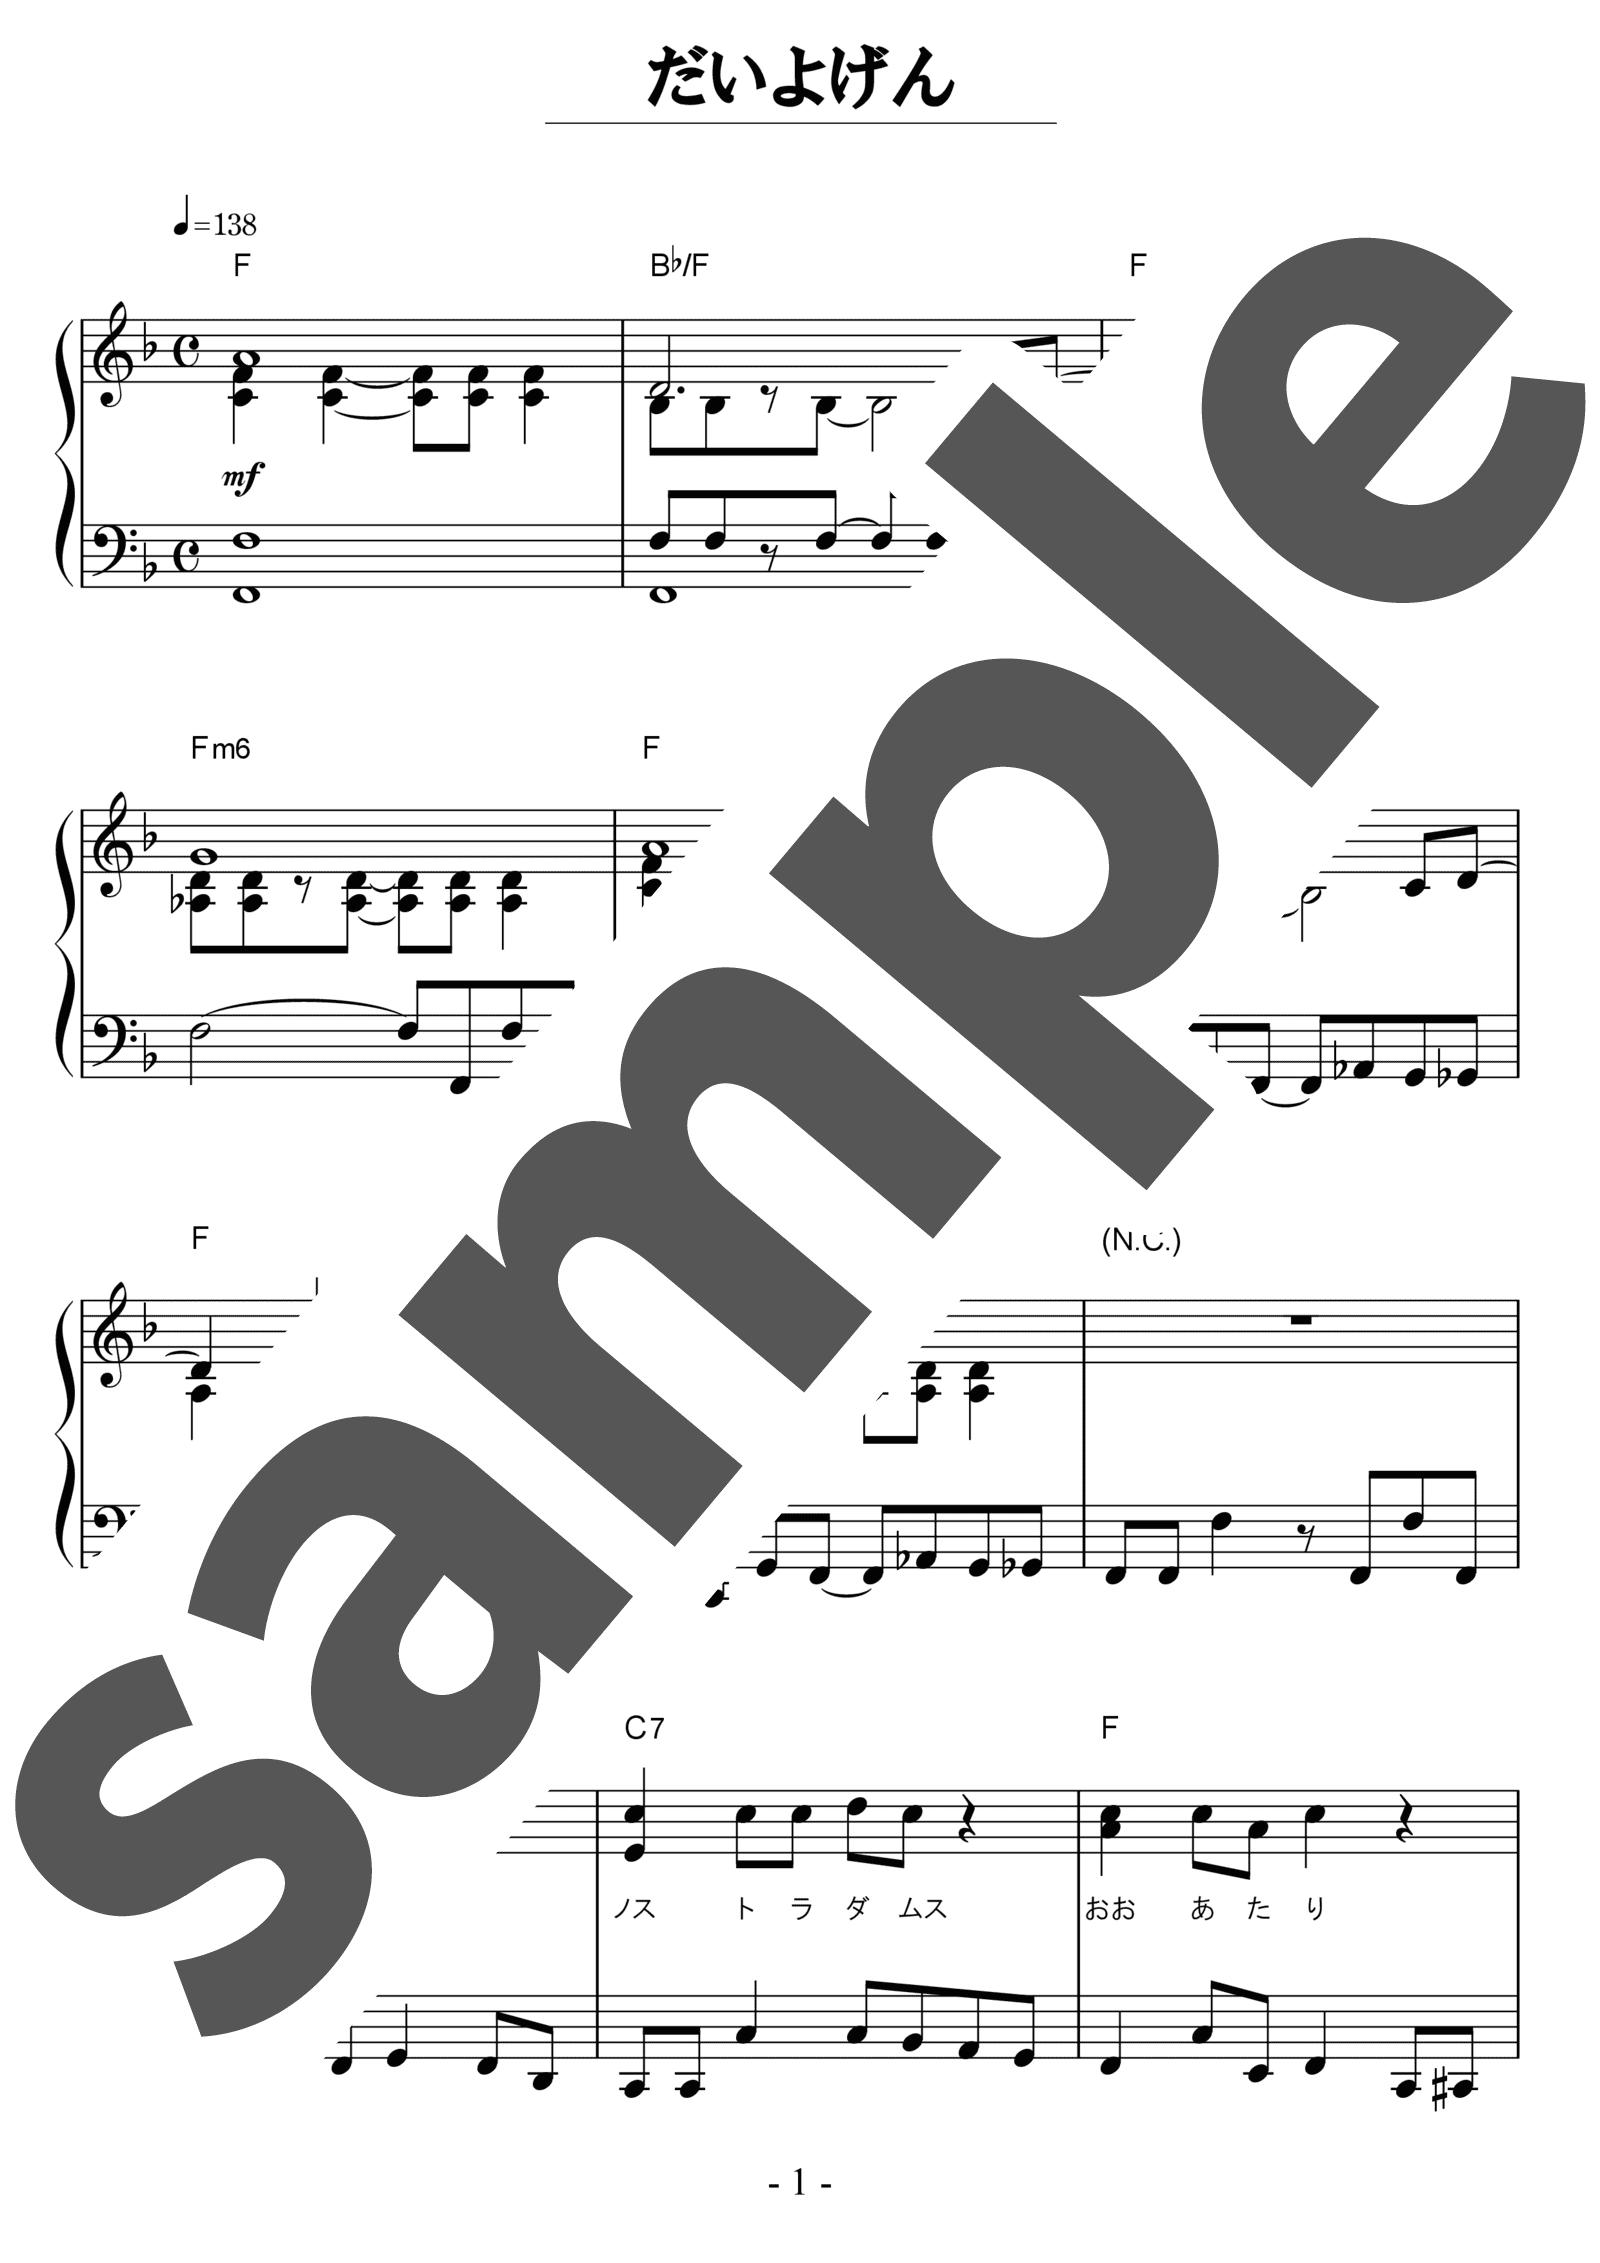 「だいよげん」のサンプル楽譜